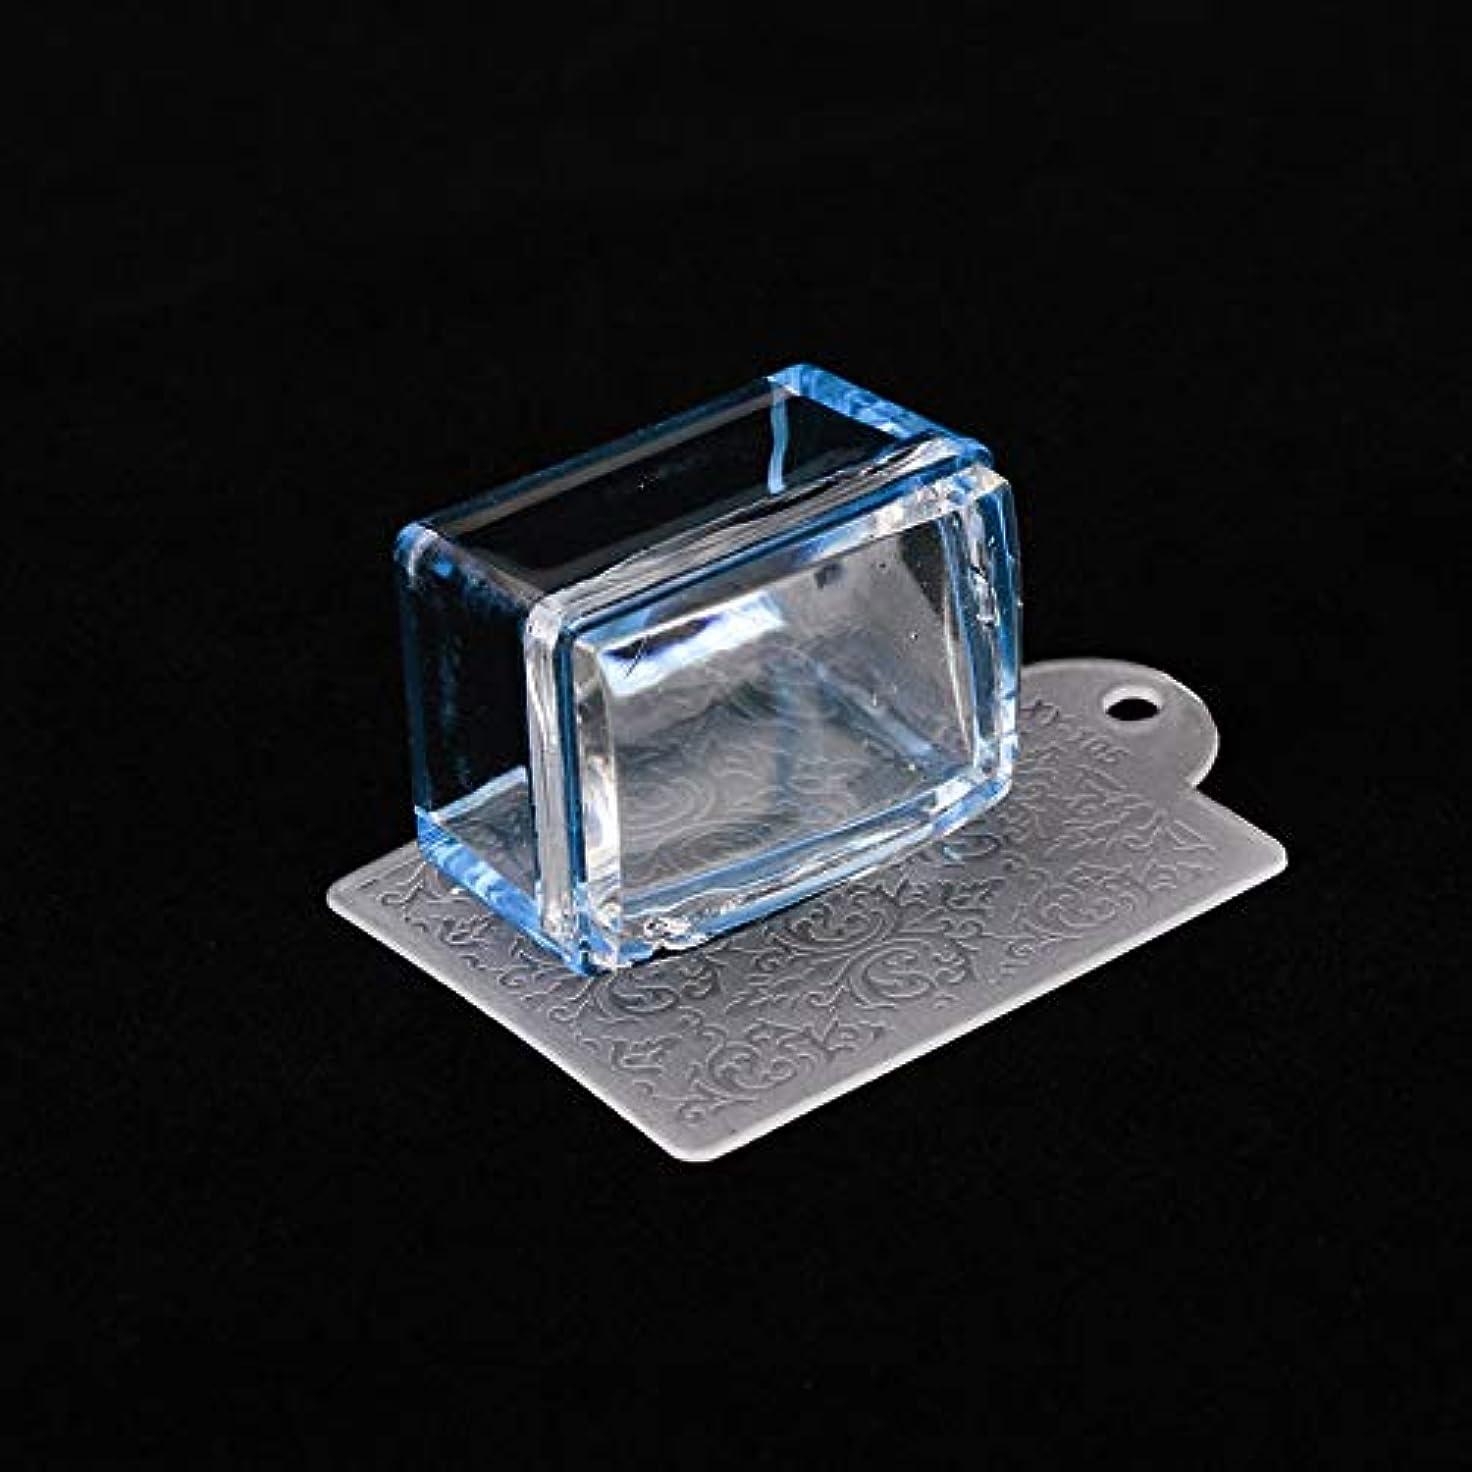 モードリン例示するパールAAcreatspaceファッションDIYネイル印刷テンプレート長方形鋼ネイルアートスタンピングテンプレートマニキュアプリントスタンパーキット